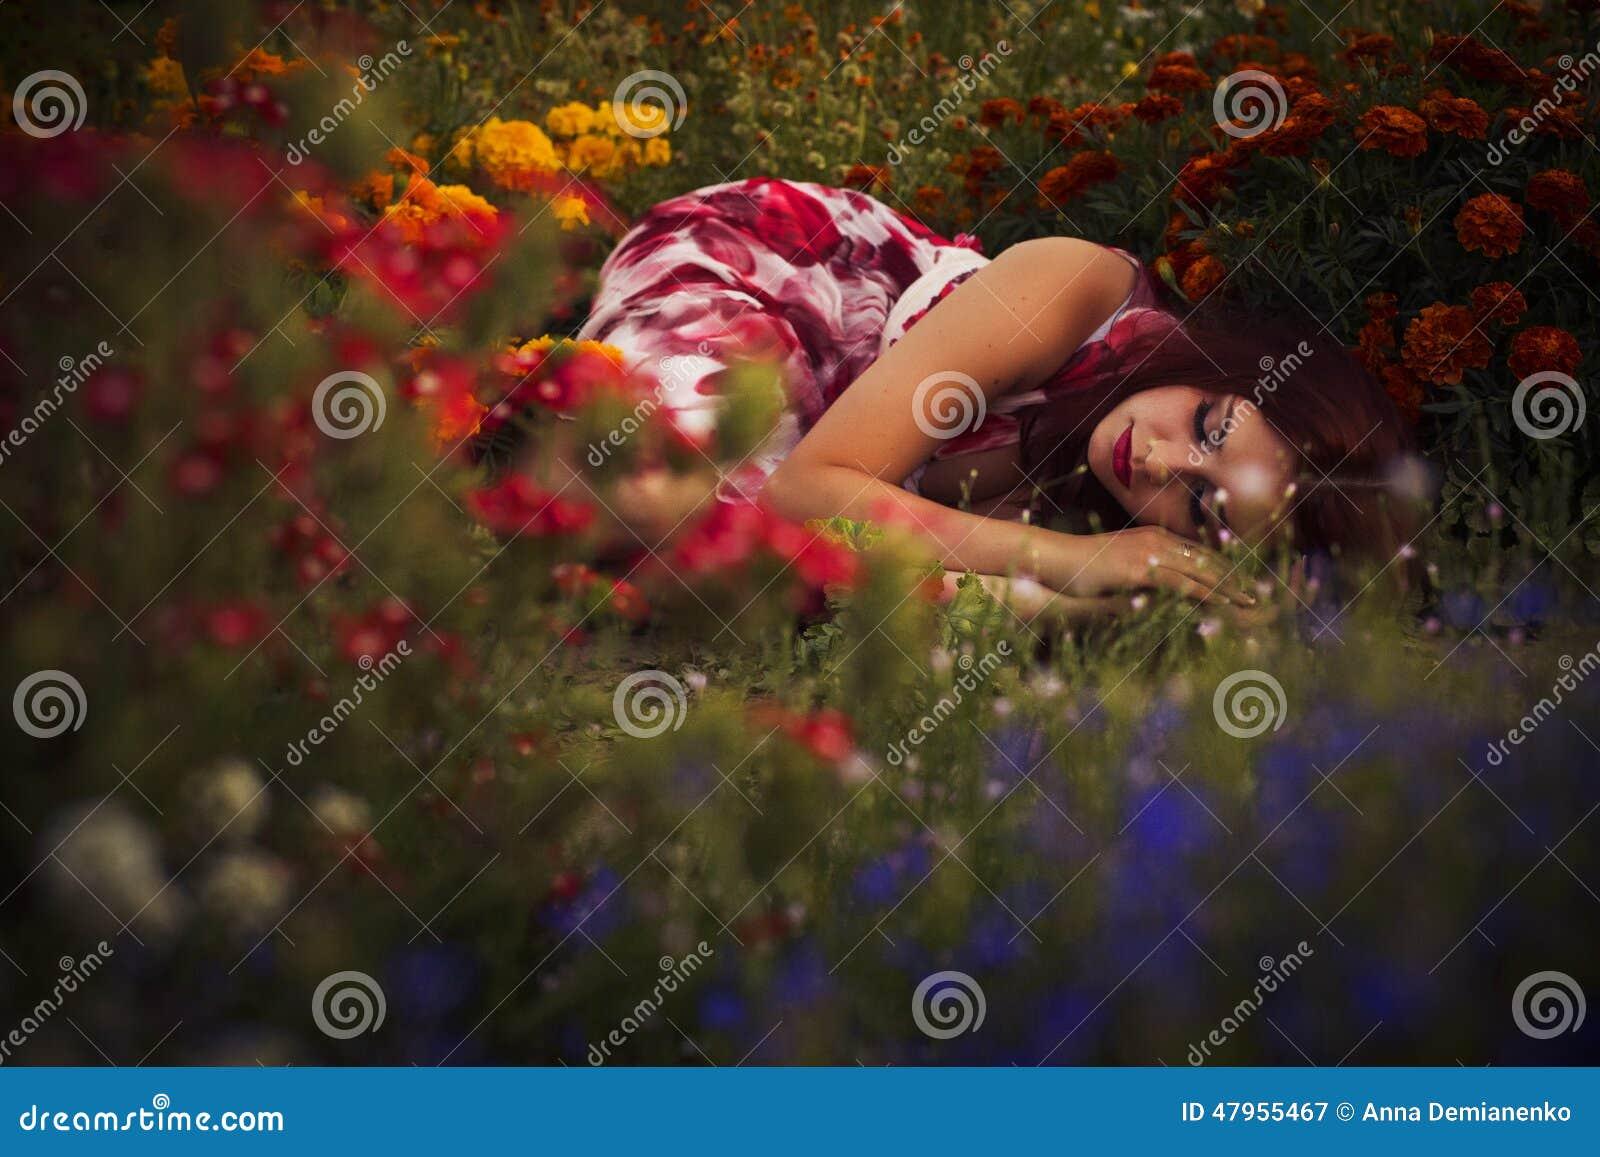 Mujer caucásica morena en el vestido blanco y rojo en el parque en flores rojas y amarillas en un baile de la puesta del sol del